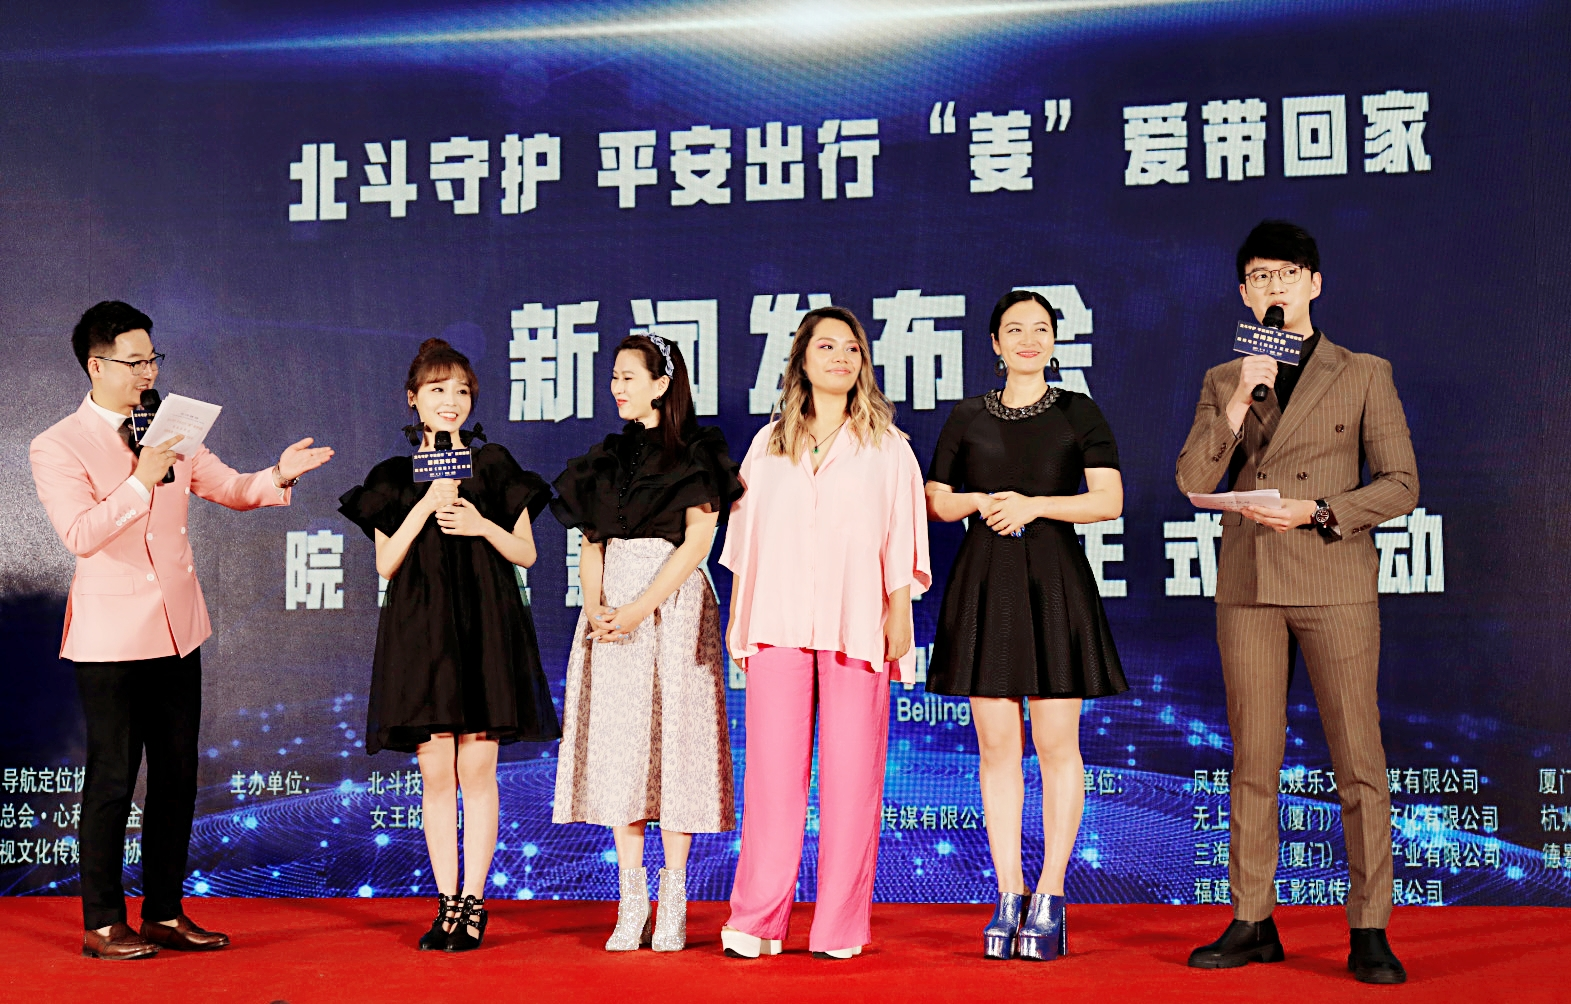 女王的姜山品牌合伙人梁琤、李艺、薛芷婷 ,产品总监慈心红.jpg